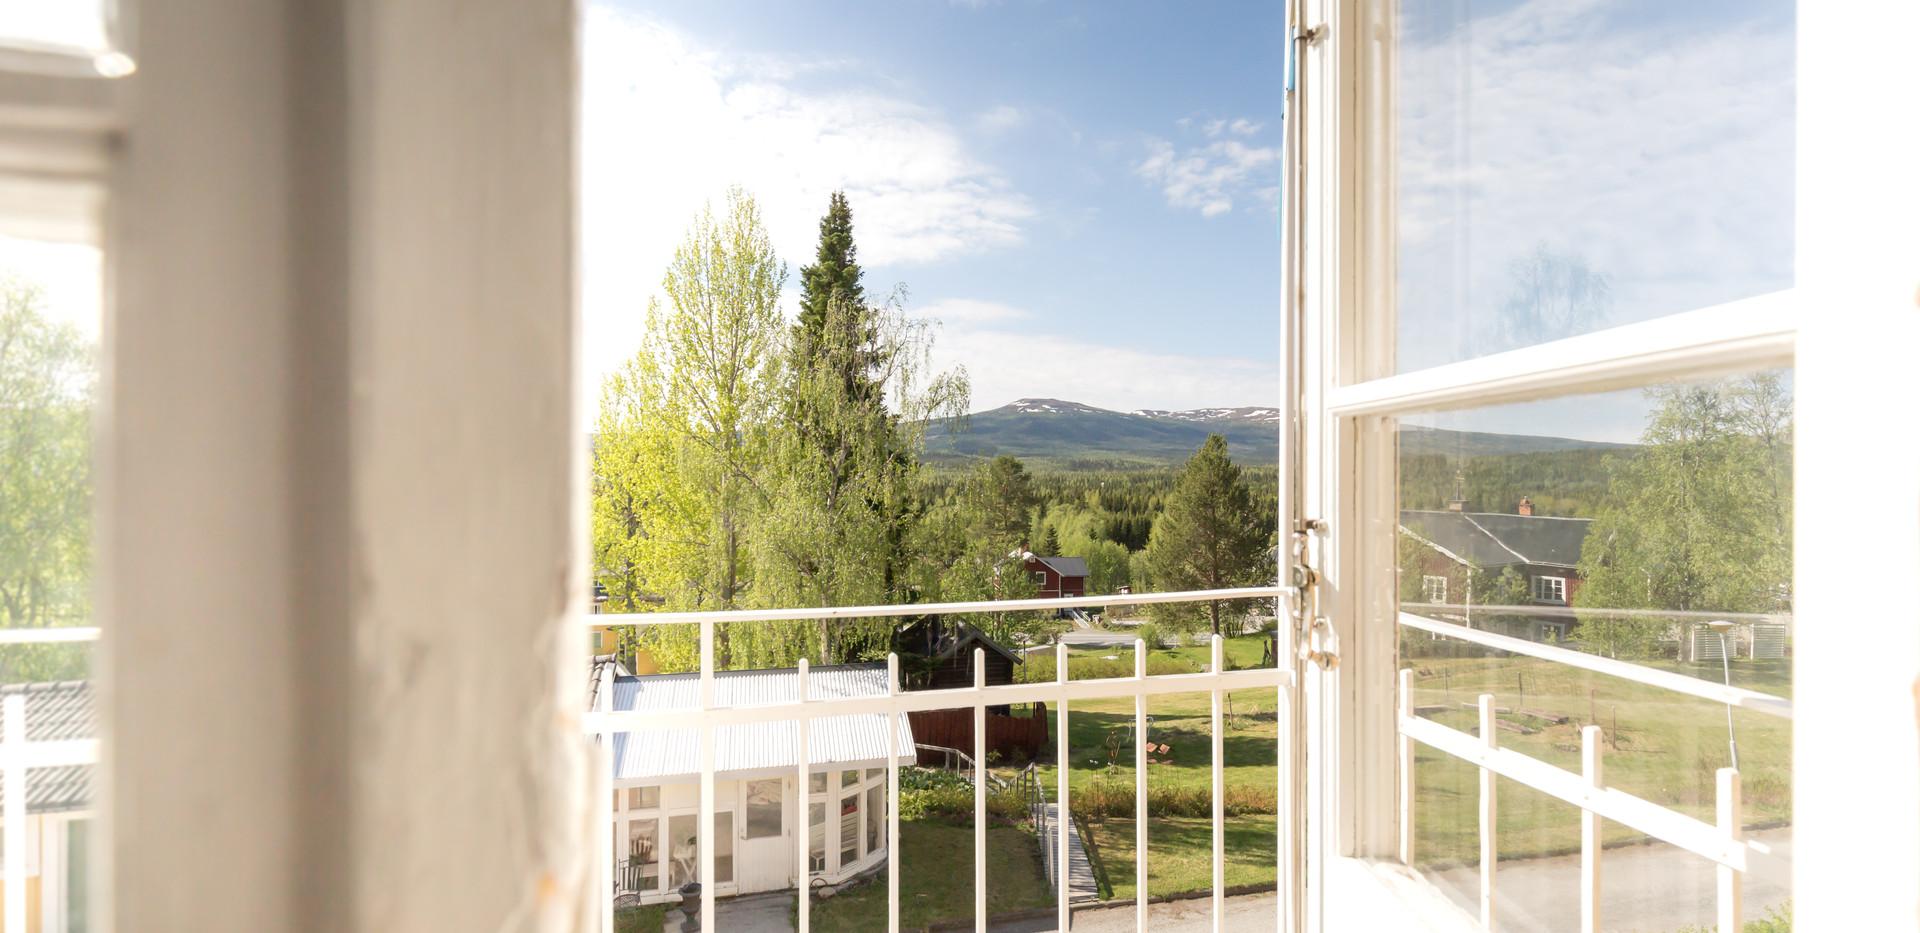 utsikt balkong hotell åre fjällsätra.jpg